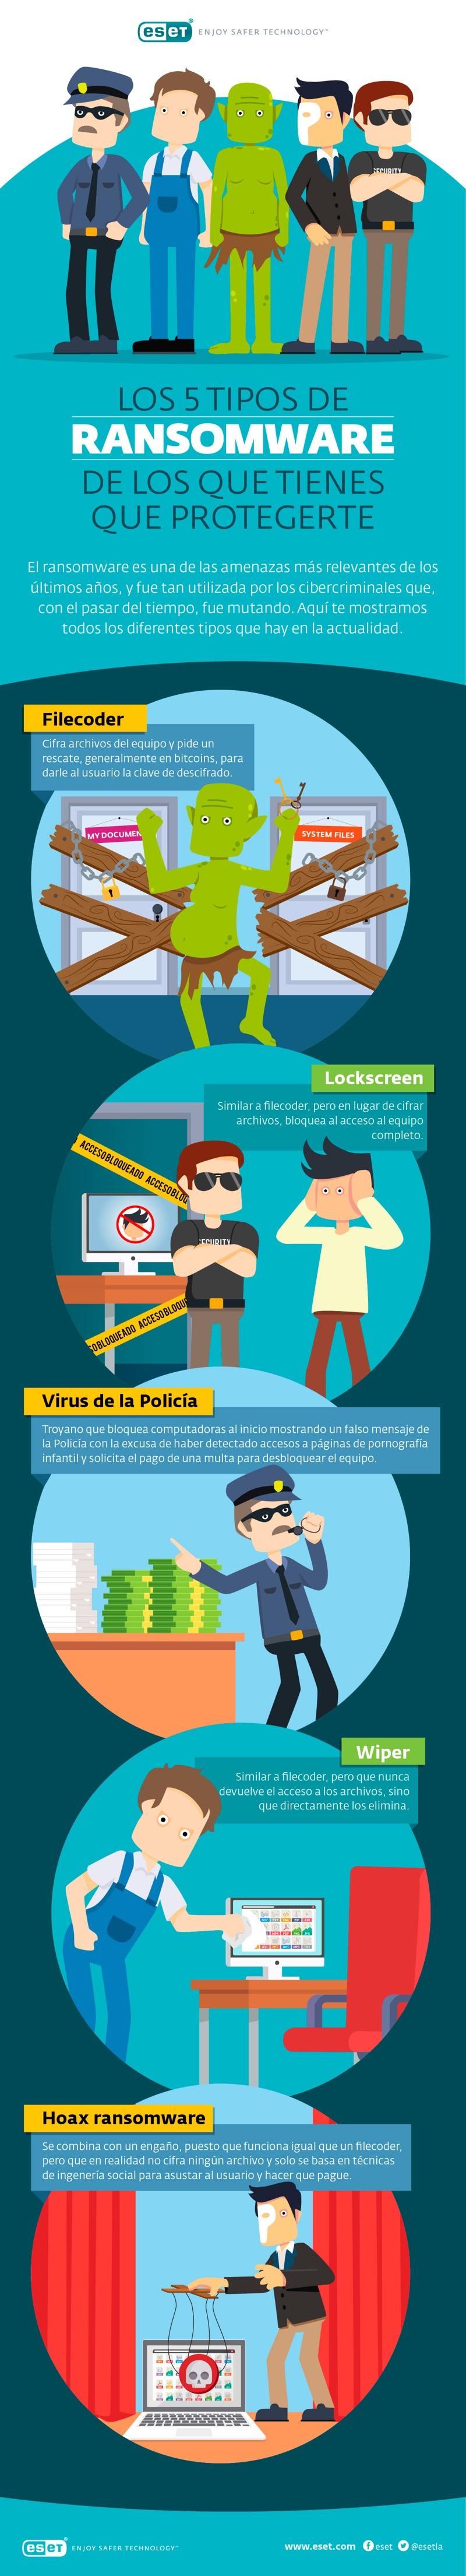 Los cinco tipos de ransomware que más afectan a los usuarios - tipos-de-ransomware